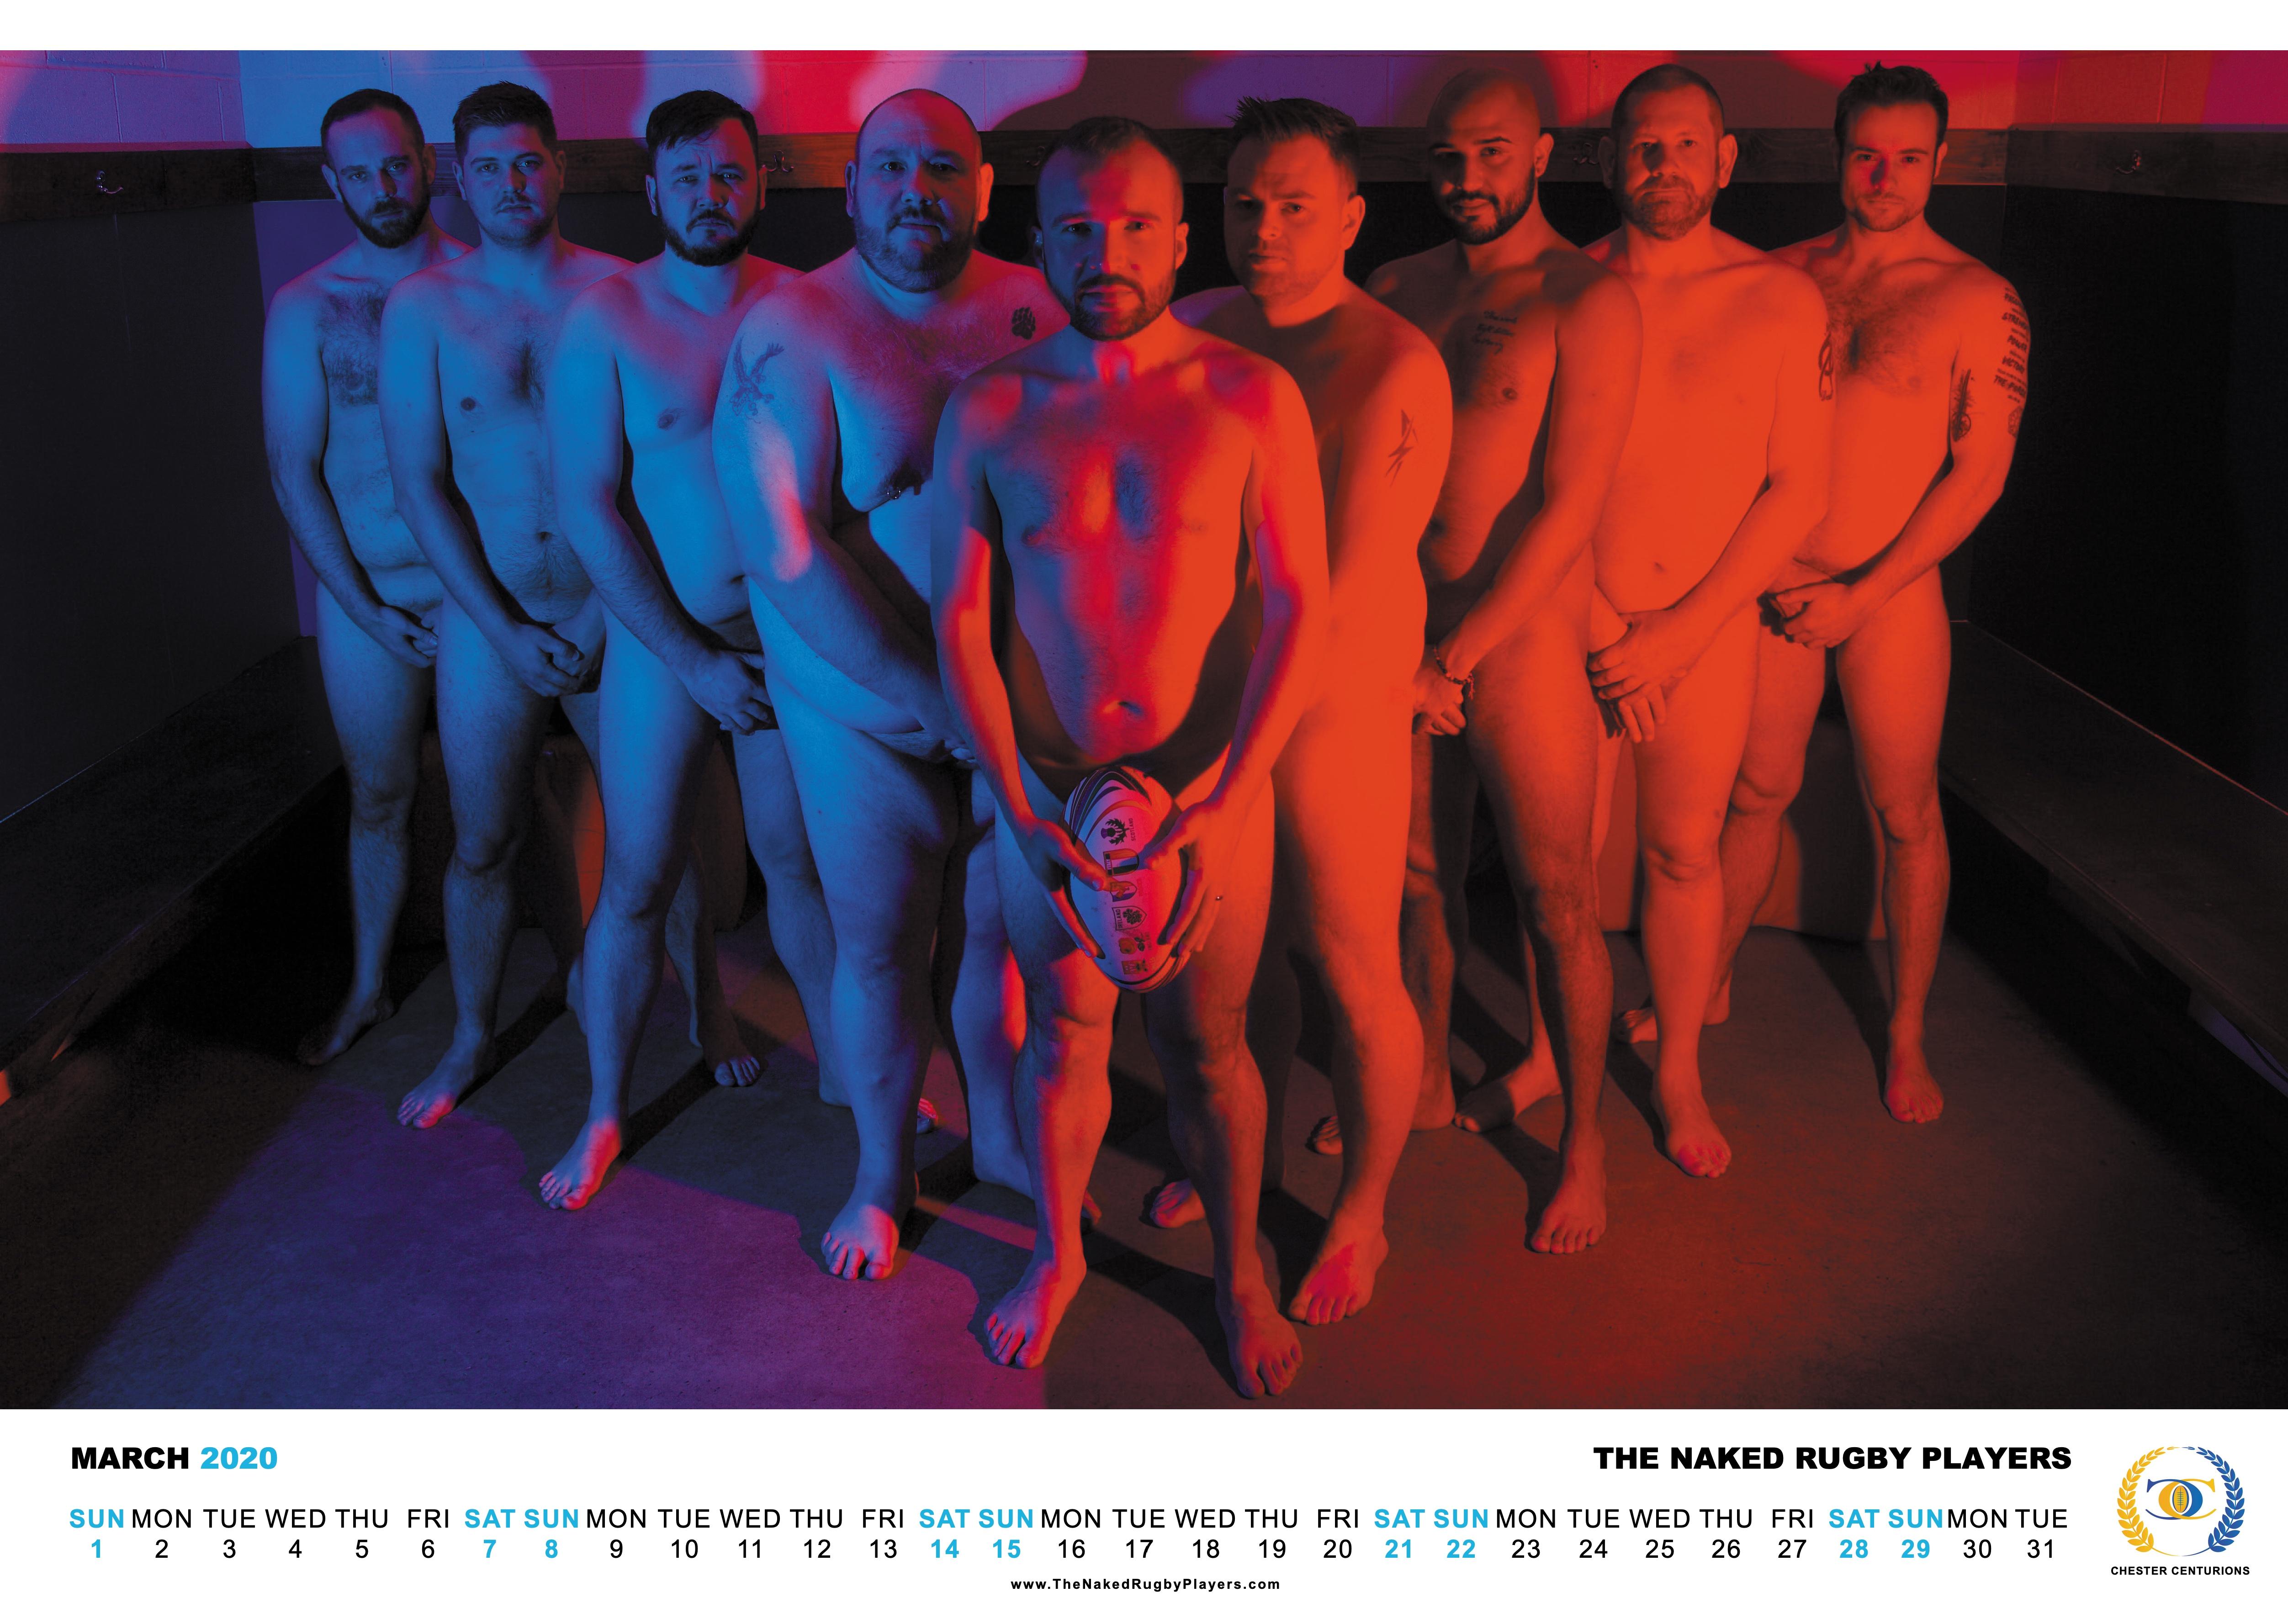 nackt rugby kalender